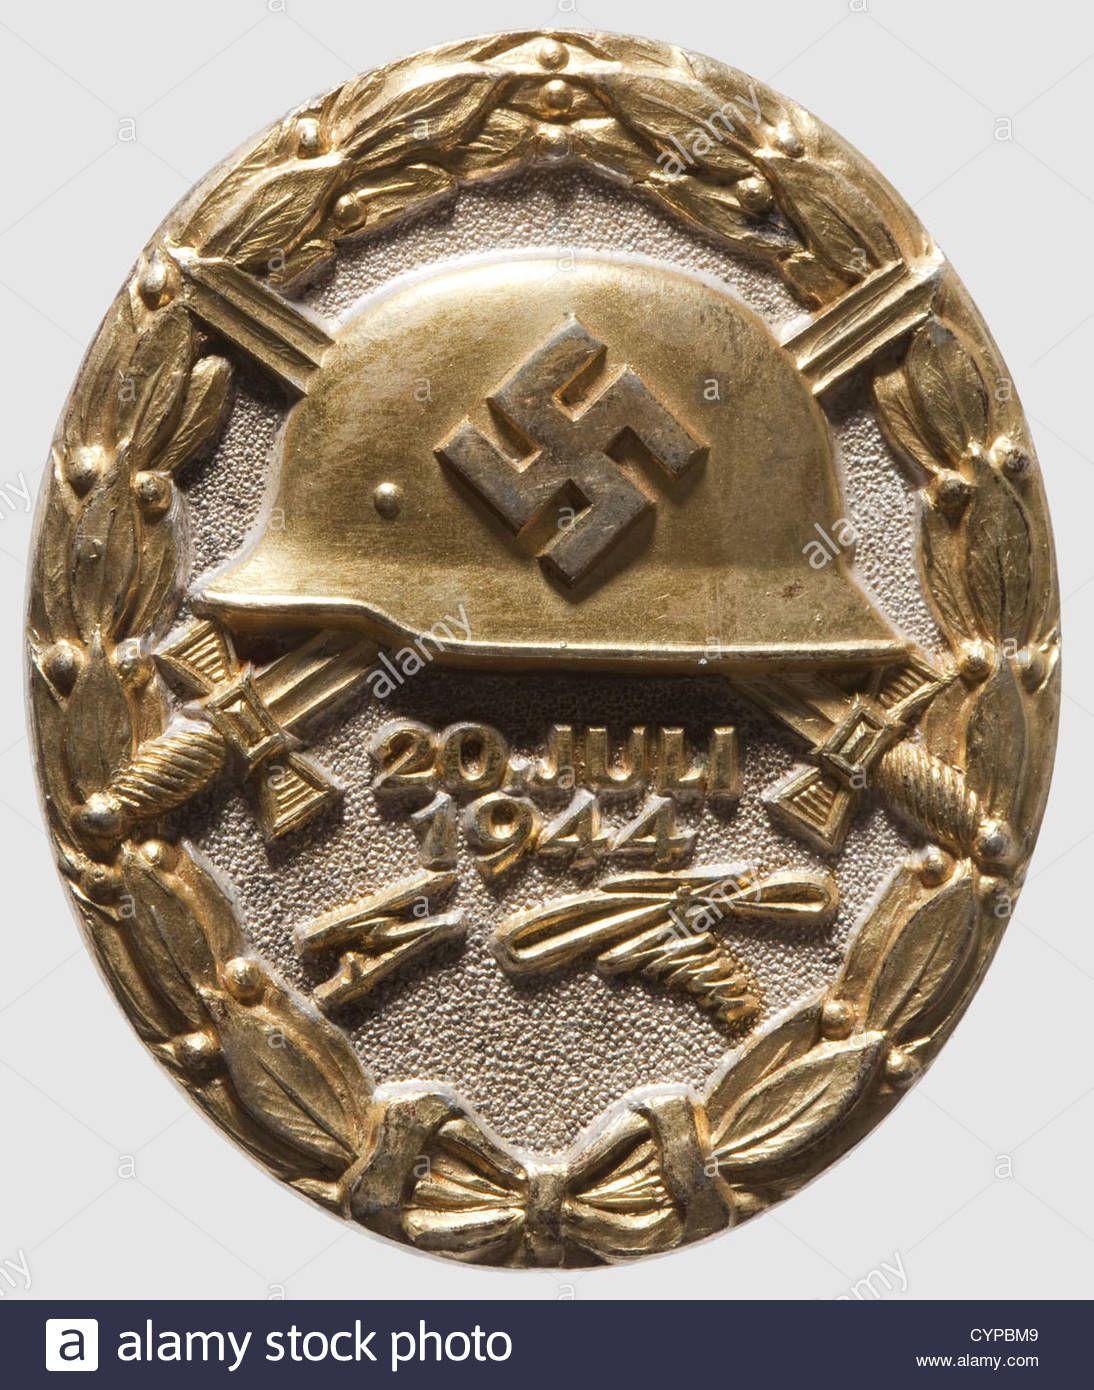 Pin Auf Medals